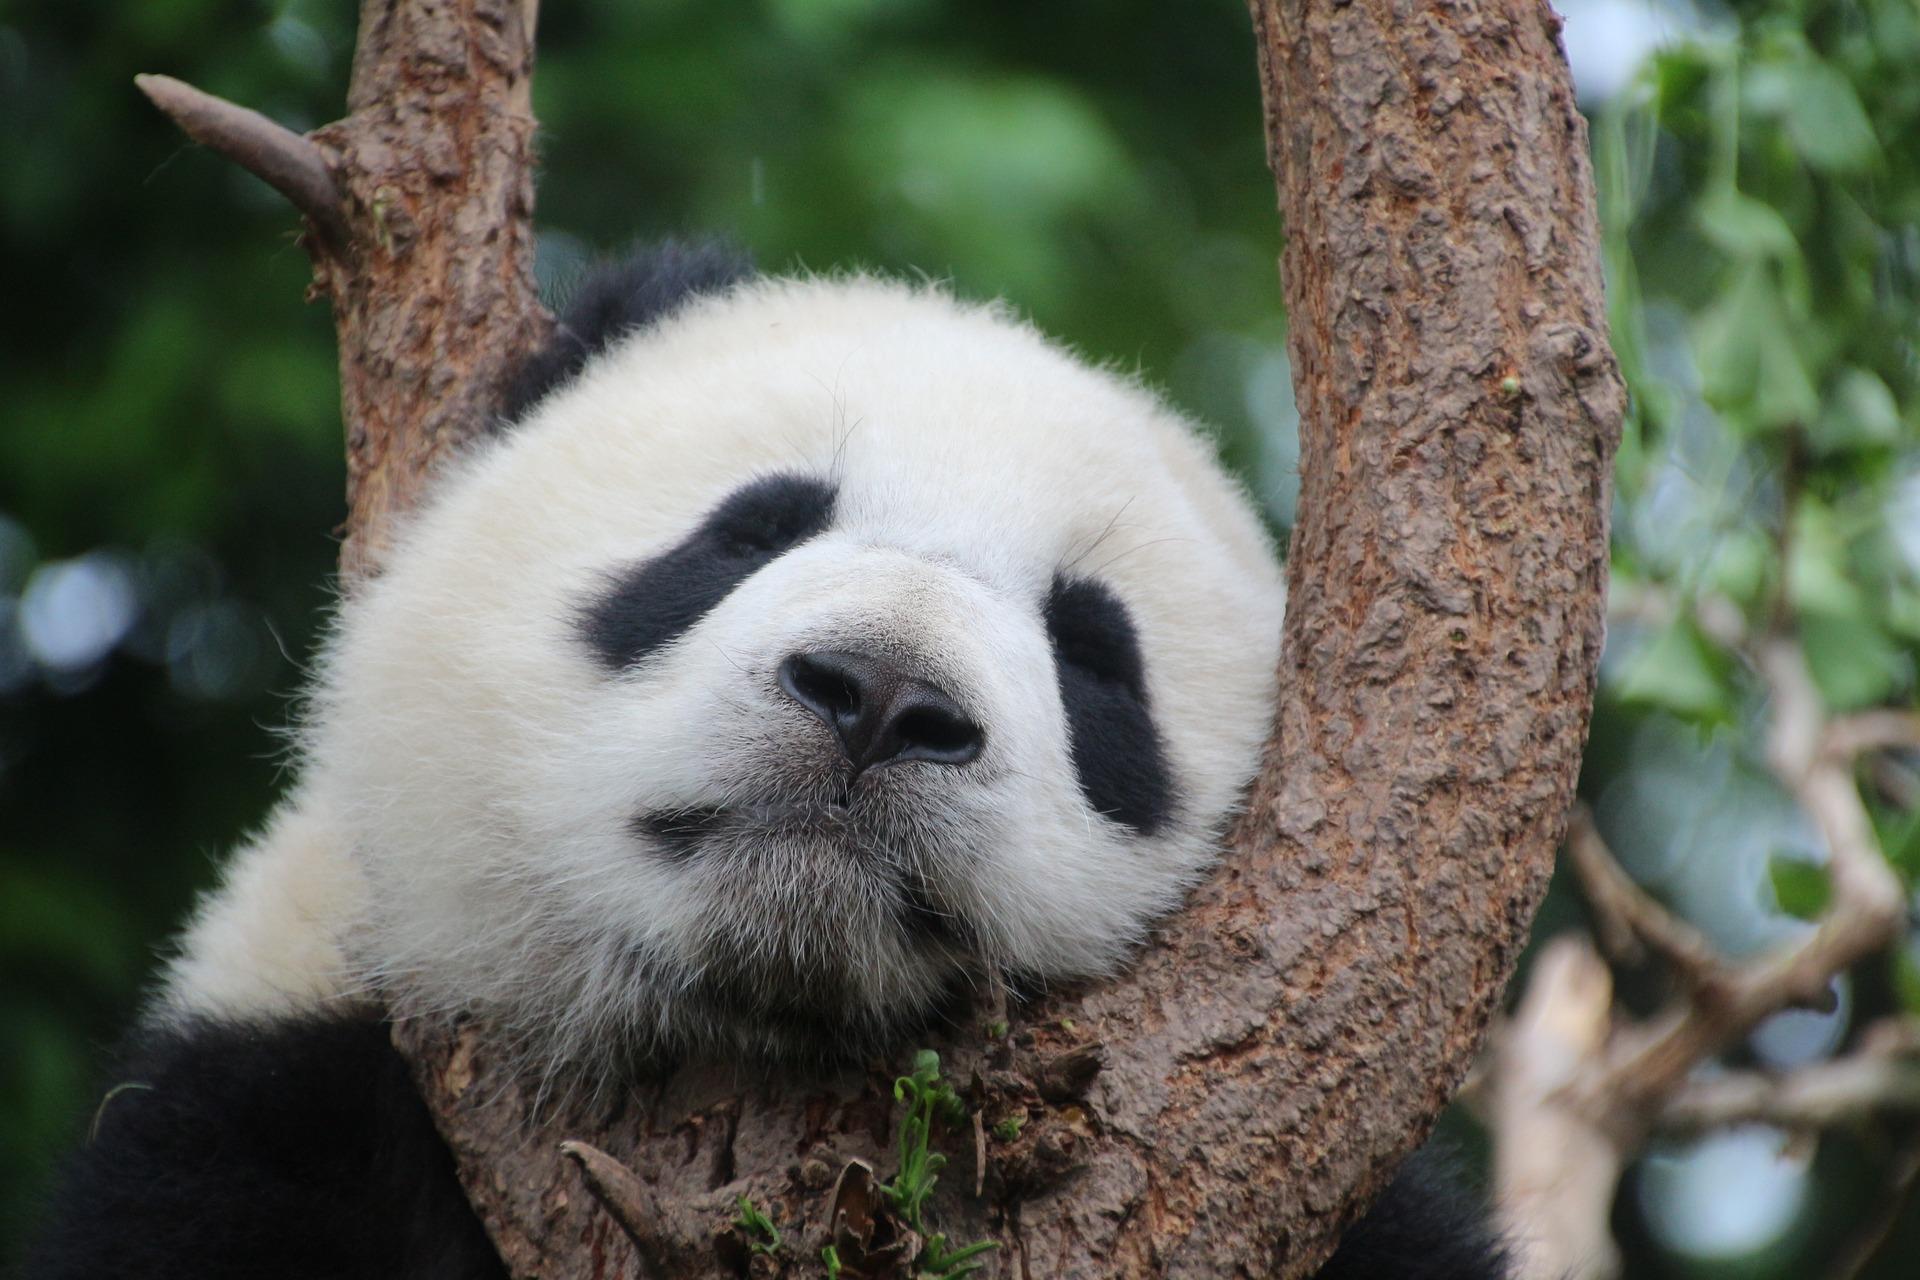 download wallpaper: panda slaapt in een boom wallpaper